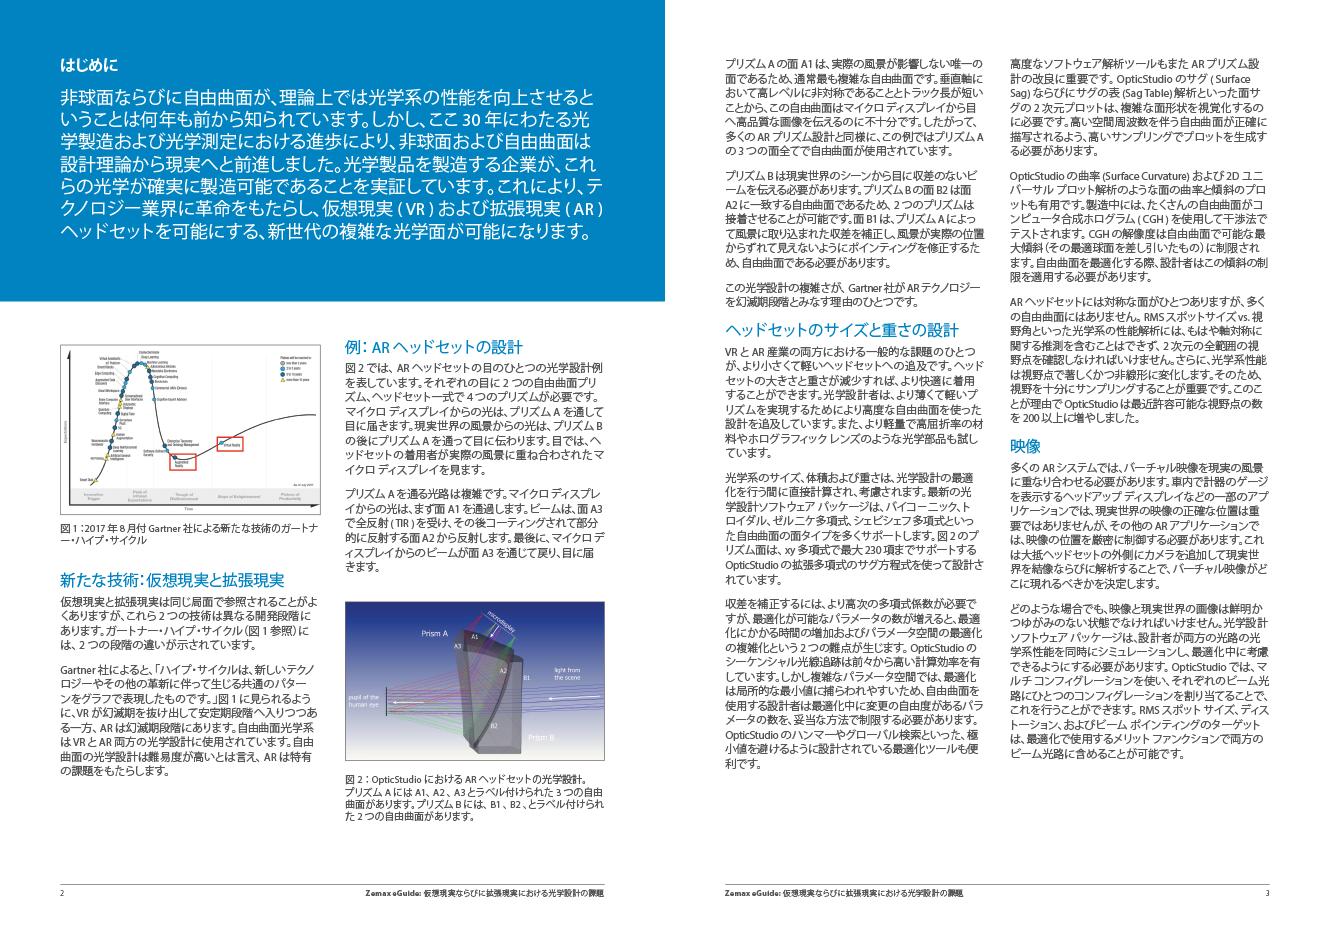 仮想現実ならびに拡張現実における光学設計の課題 Sneak Preview